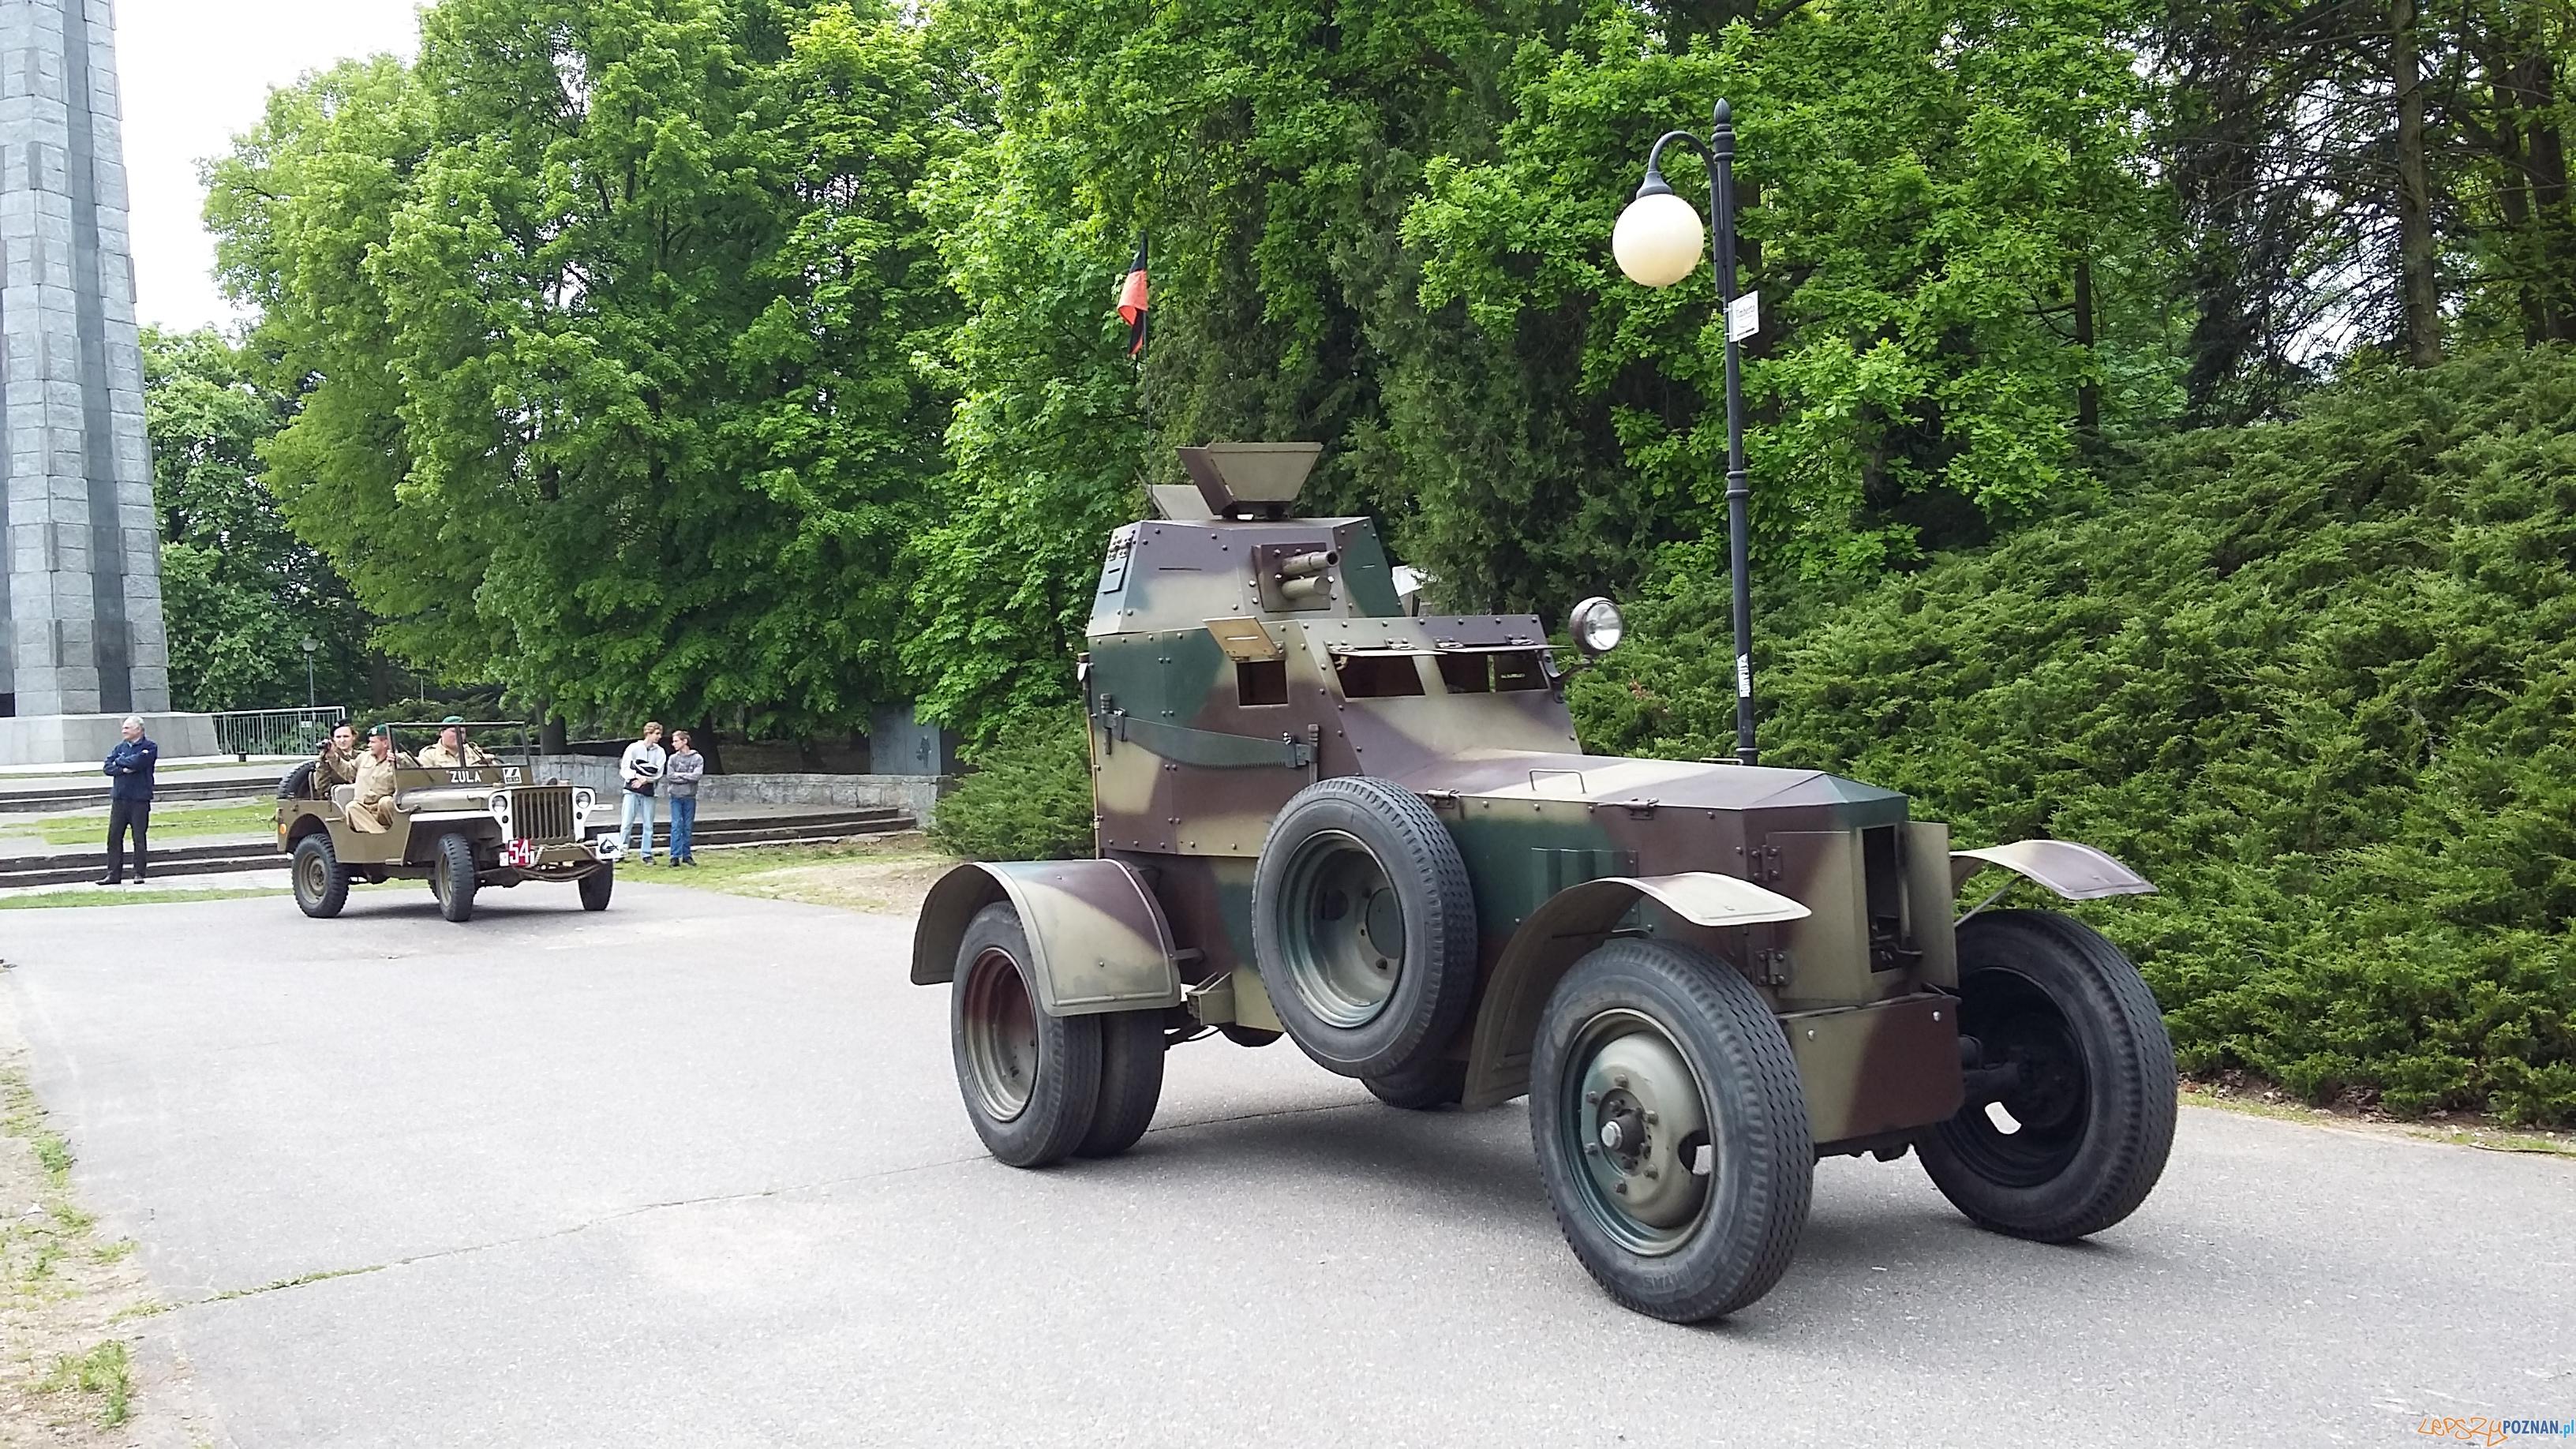 Muzeum Uzbrojenia ma 50 lat.  Foto: lepszyPOZNAN.pl / gsm